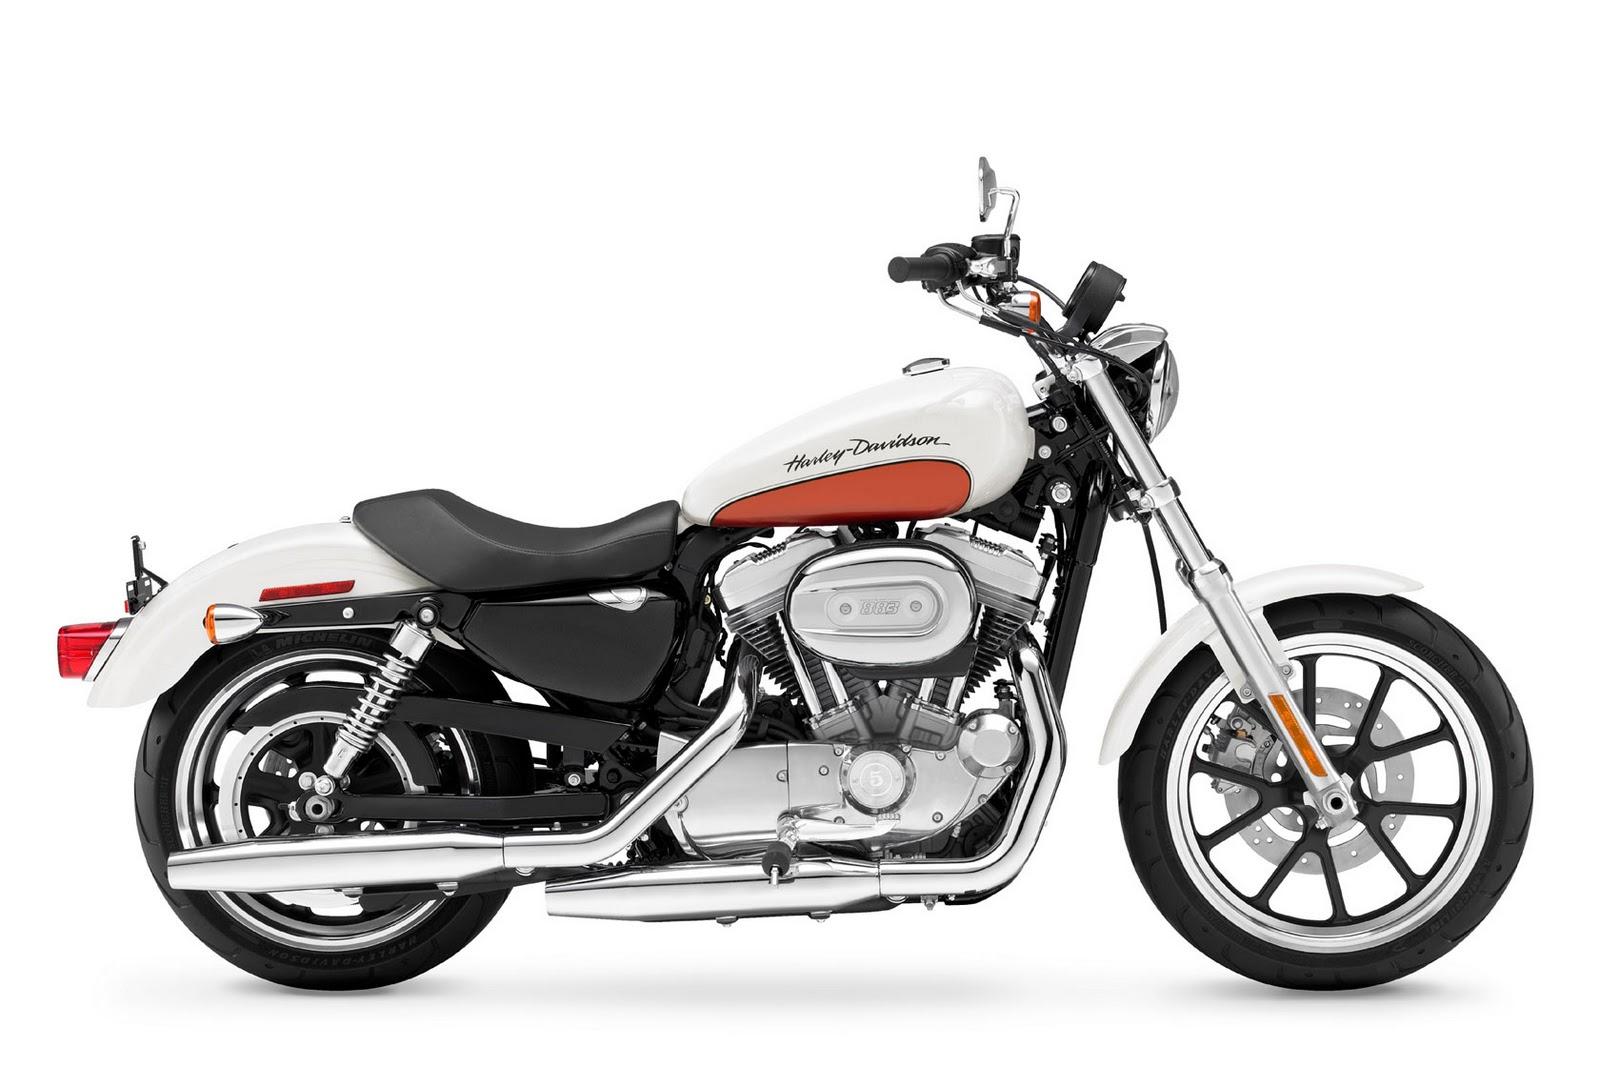 2011-Harley-Davidson-XL883LSportster883SuperLow-03.jpg